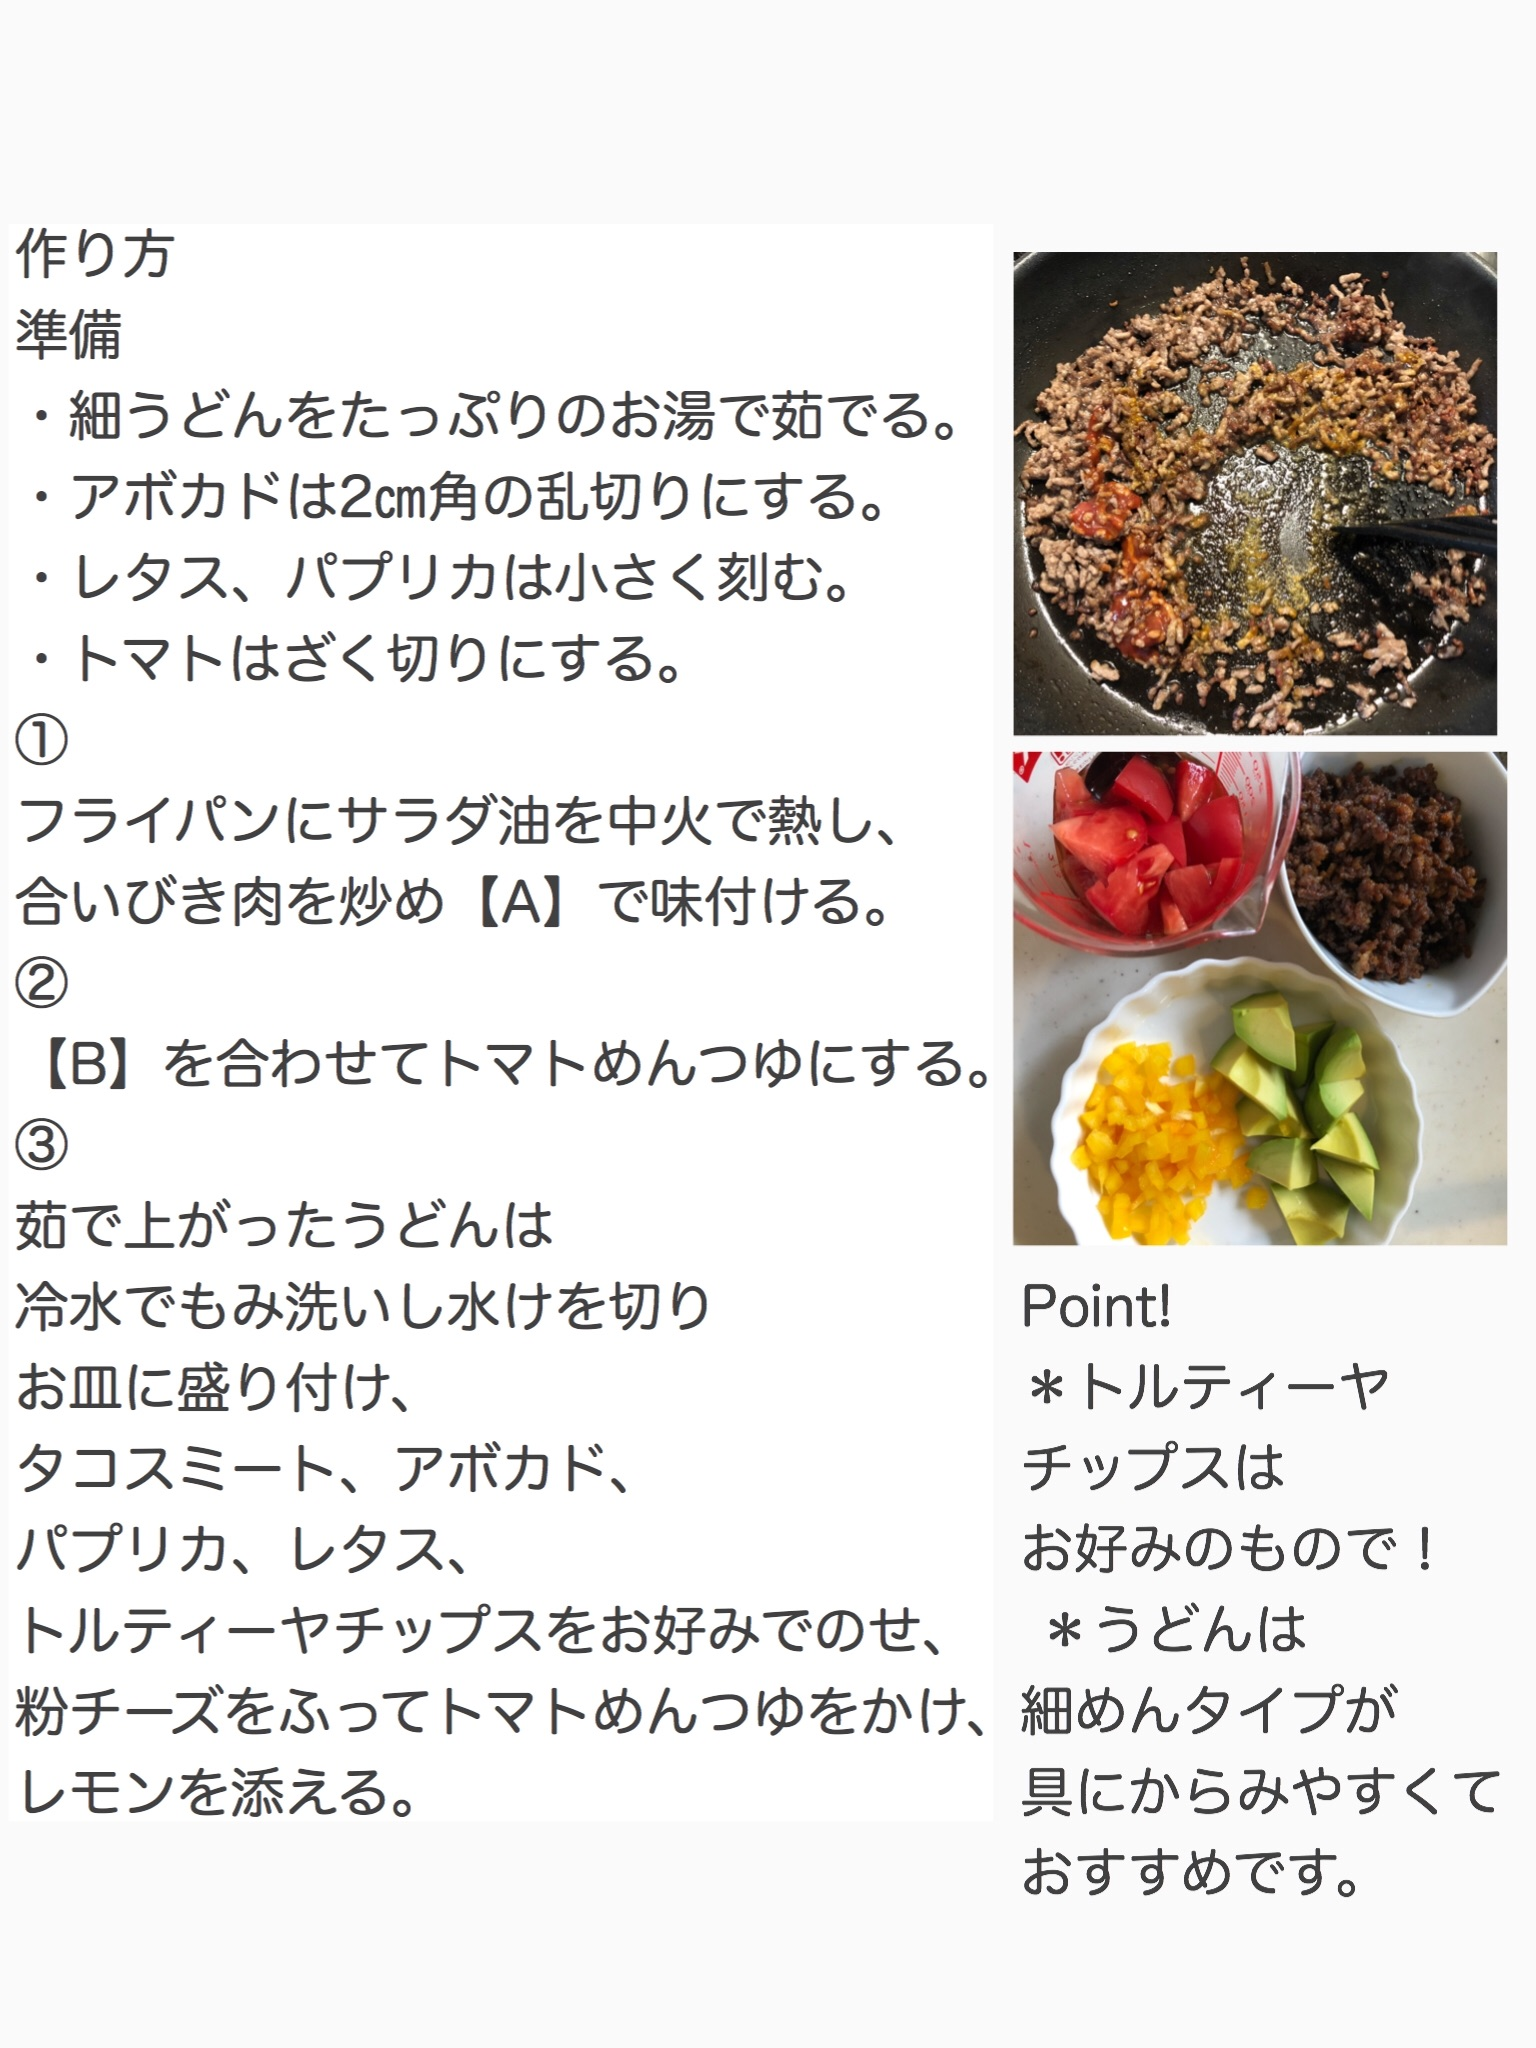 f:id:fujikana:20200802121105j:image